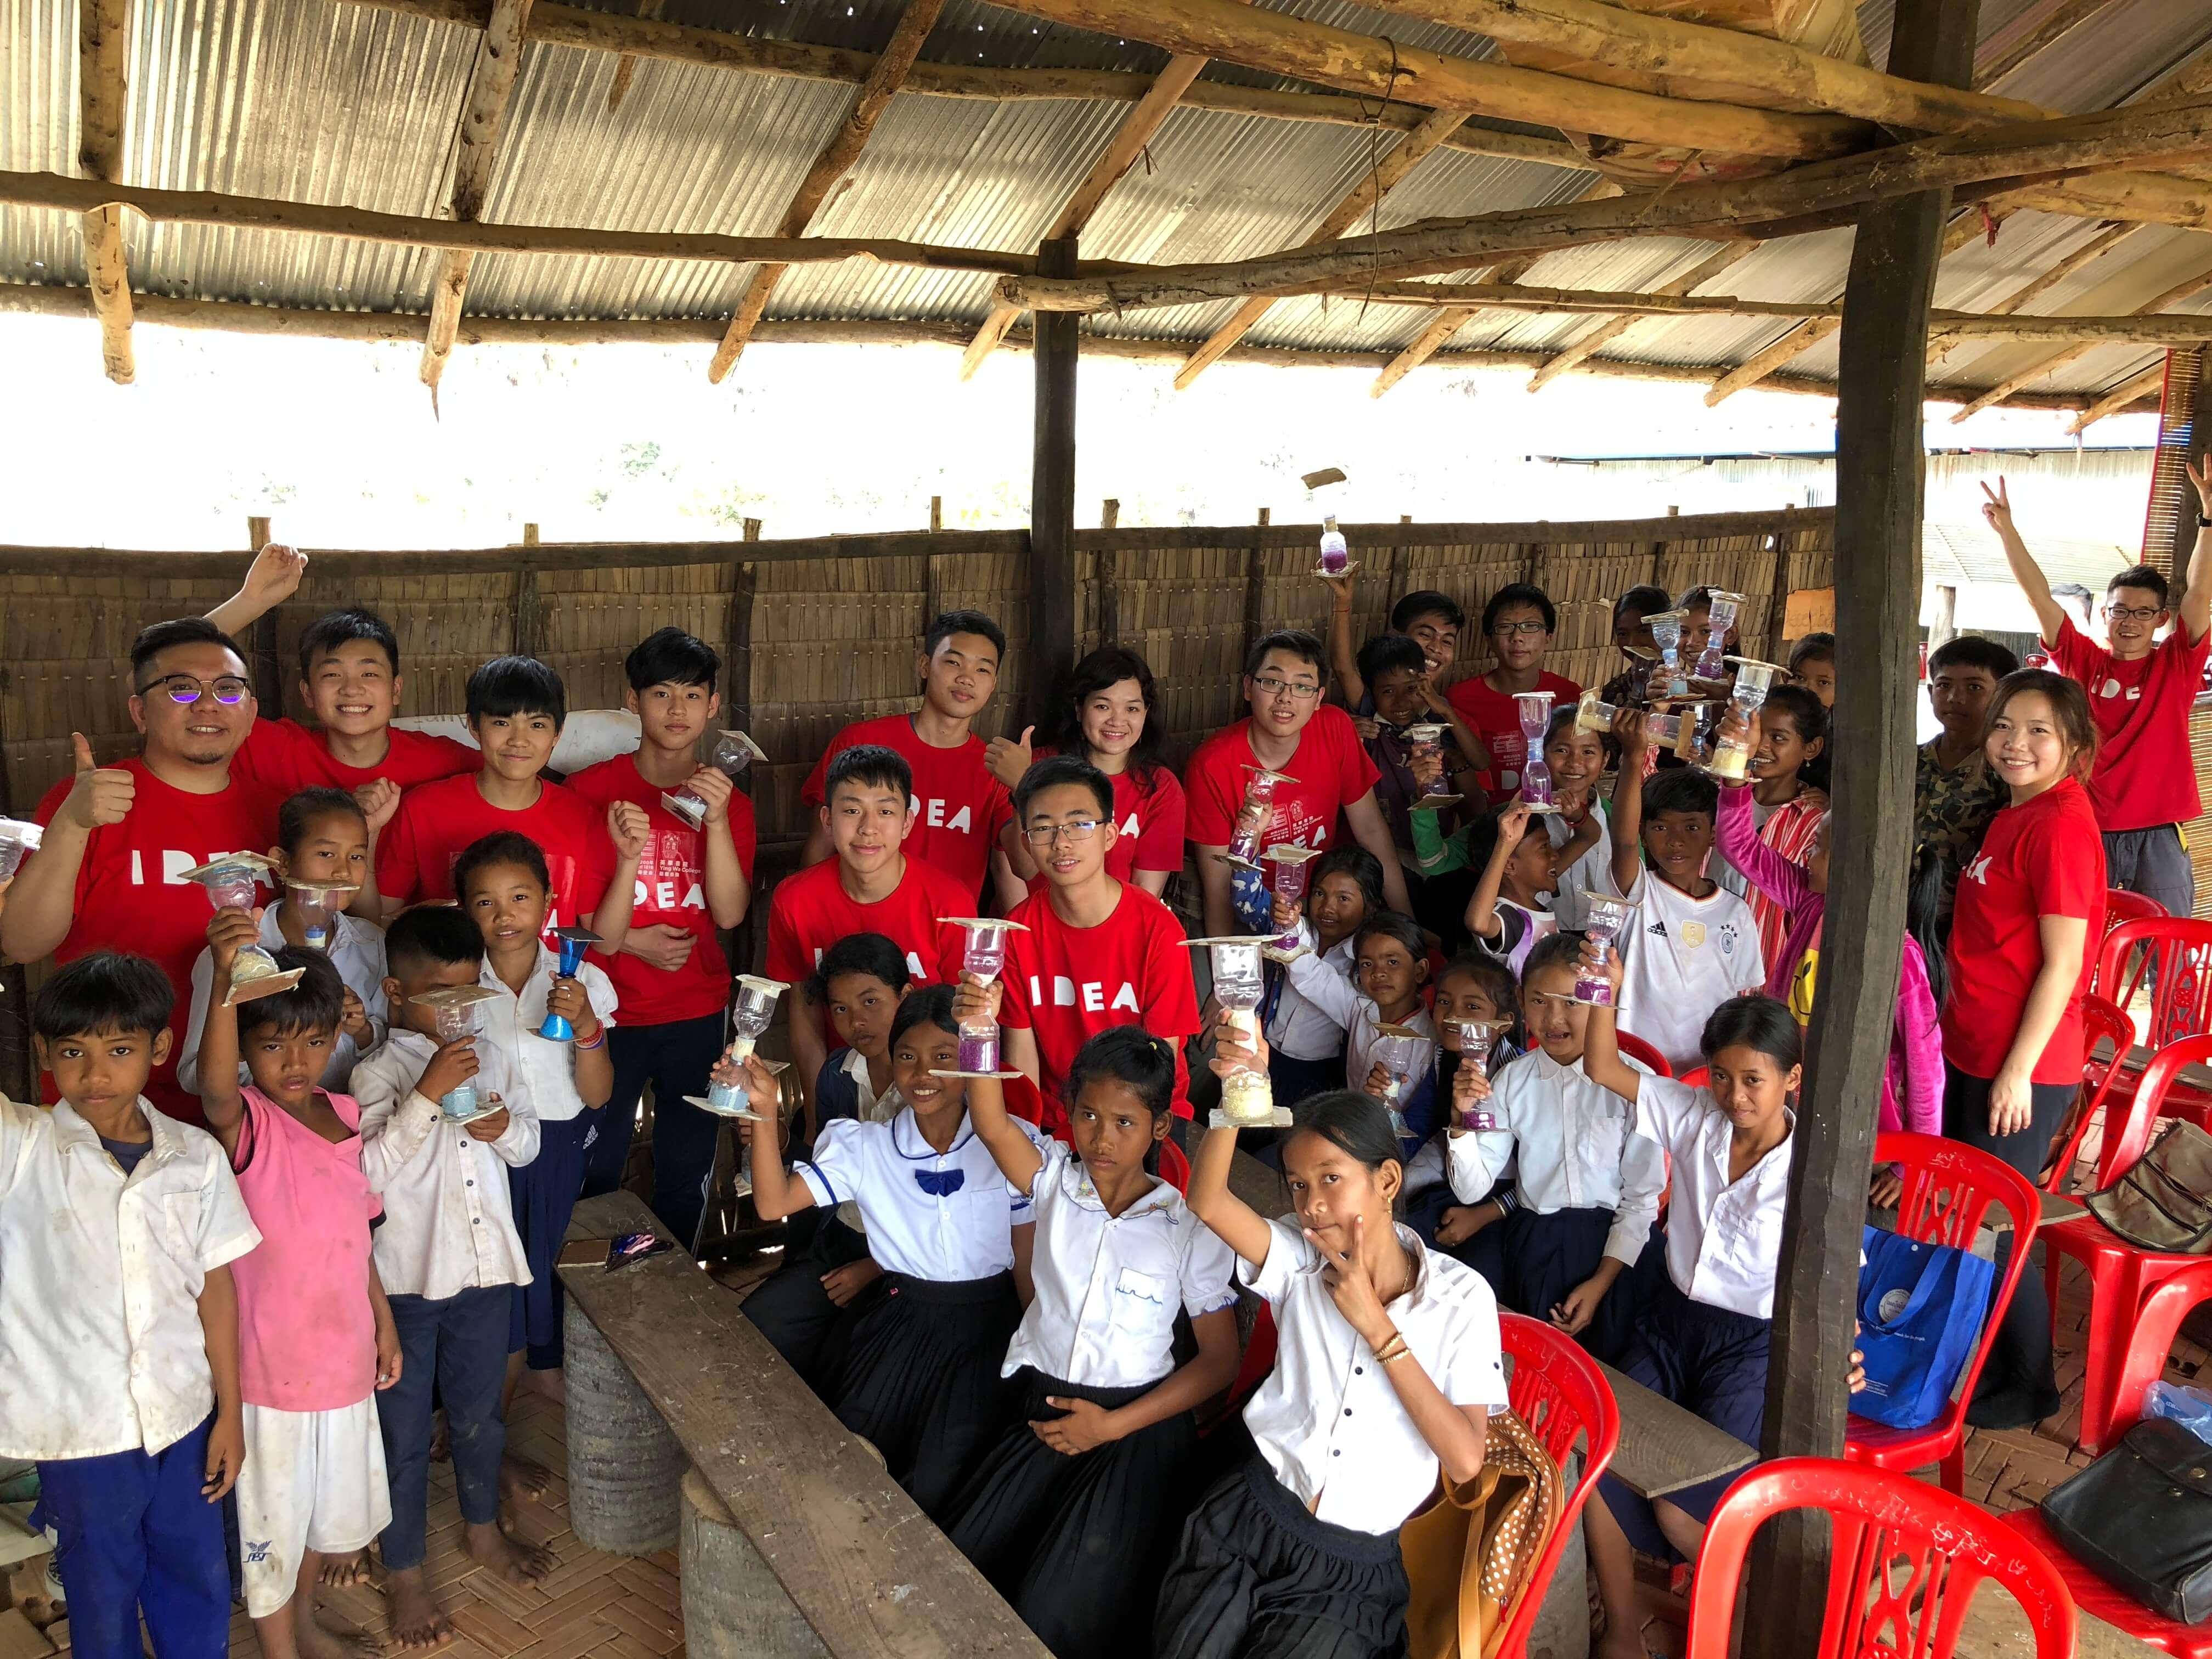 Anson認為給柬埔寨小朋友的設計工作坊,最重要是啟發到他們,例如令 他們認識到音樂這新概念,並希望他們把所得的啟發分享出去。(受訪者提供)